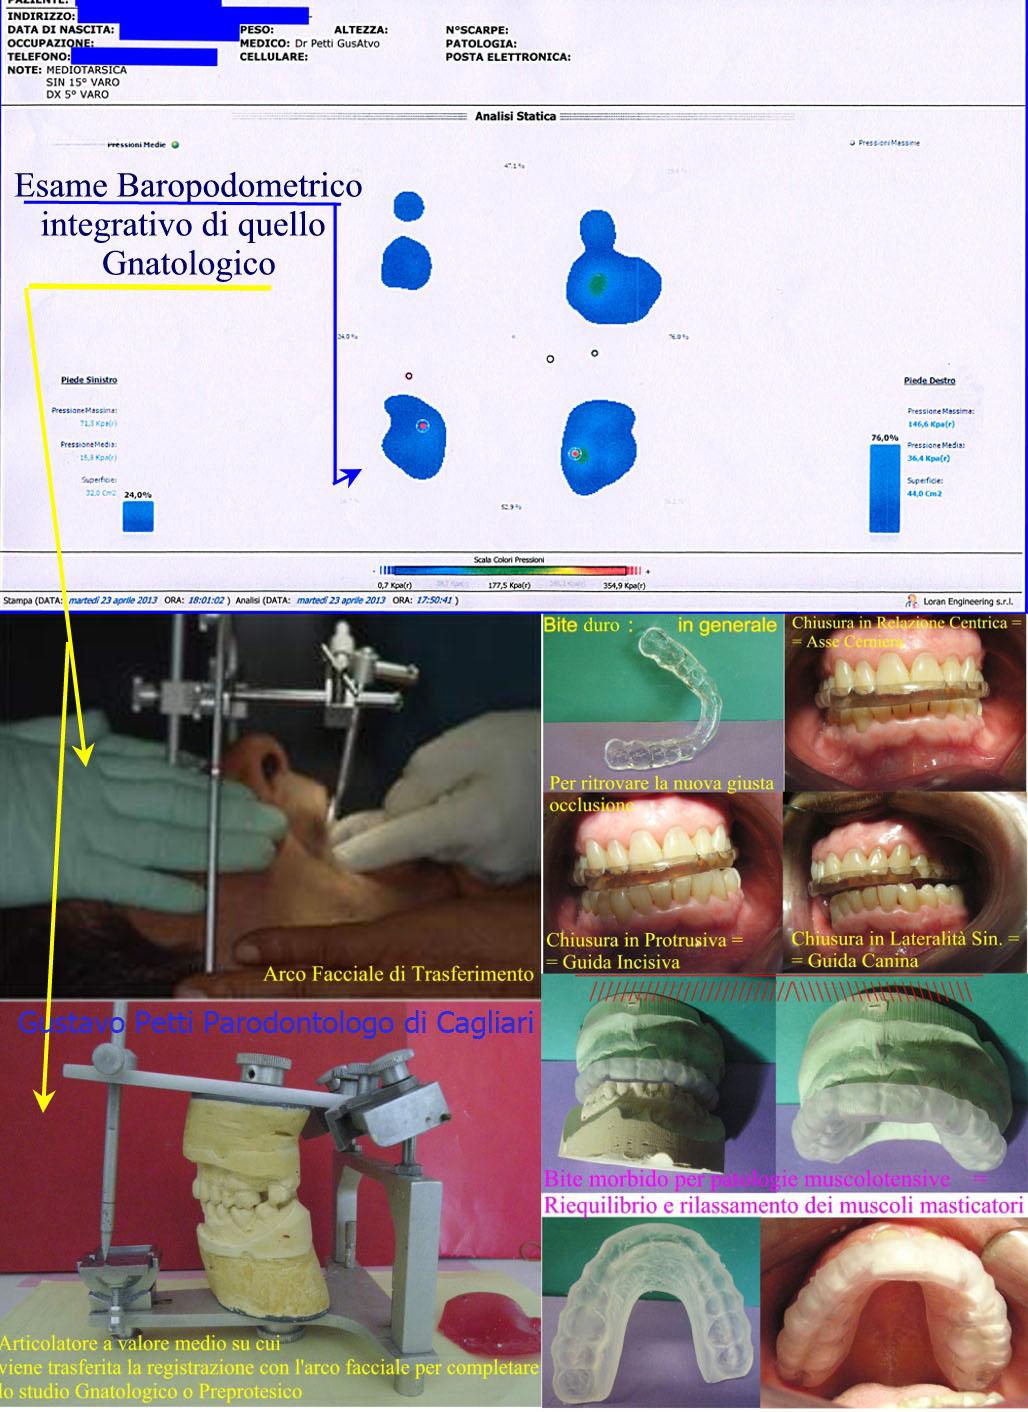 Dr. Gustavo Petti Parodontologo Gnatologo di Cagliari. Alcuni aspetti di una Valutazione Gnatologica. Arco Facciale di Trasferimento, Articolatore a Valore Medio, Stabilometria Computerizzata, Diversi tipi di Bite. Solo come Esempio